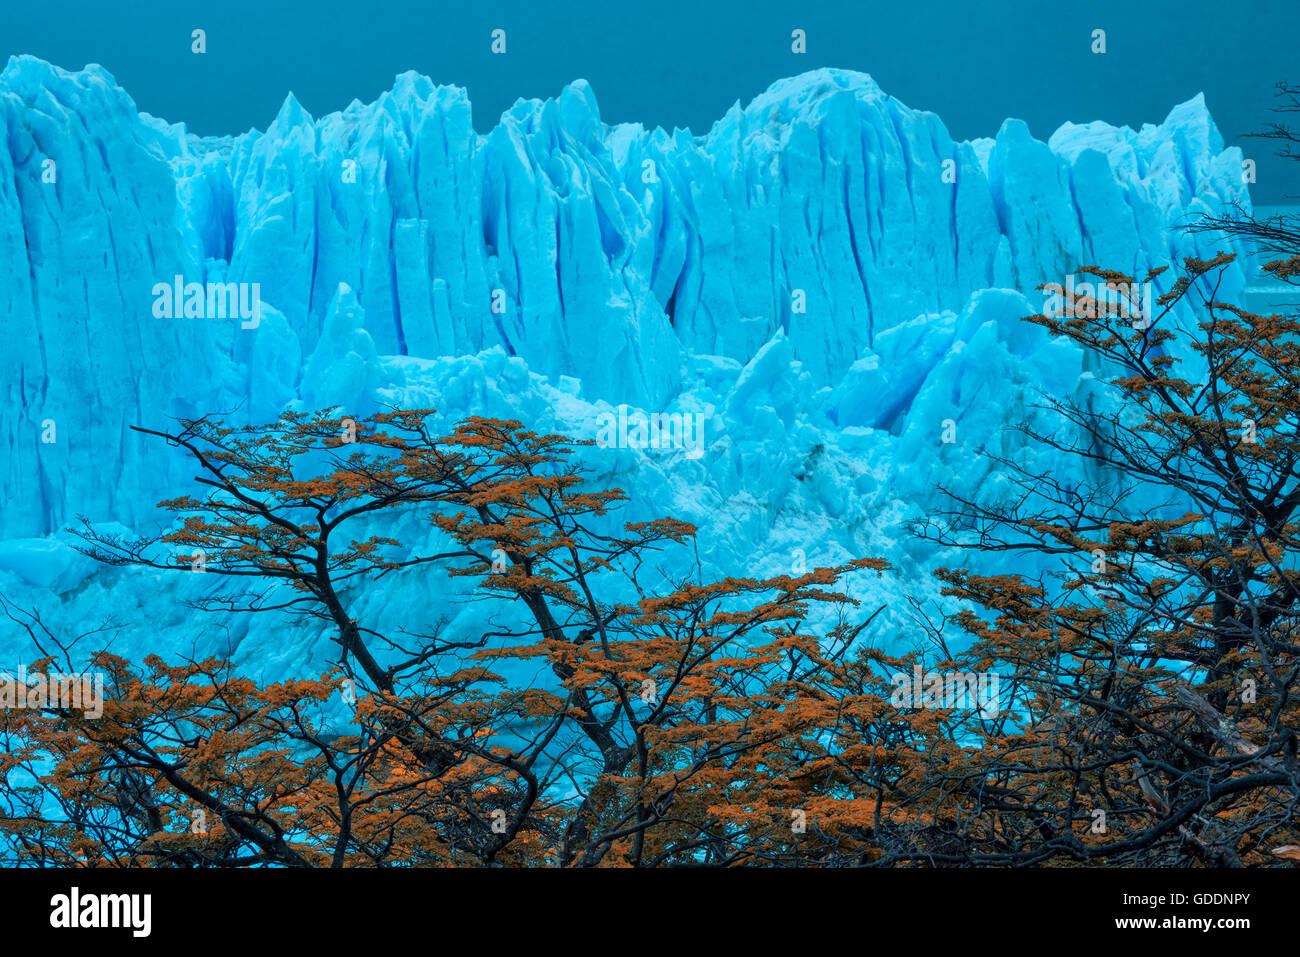 América del Sur, Argentina, Patagonia, Santa Cruz, El Calafate, Parque Nacional Los Glaciares,,glaciar Perito Moreno,,la UNESCO,World Foto de stock